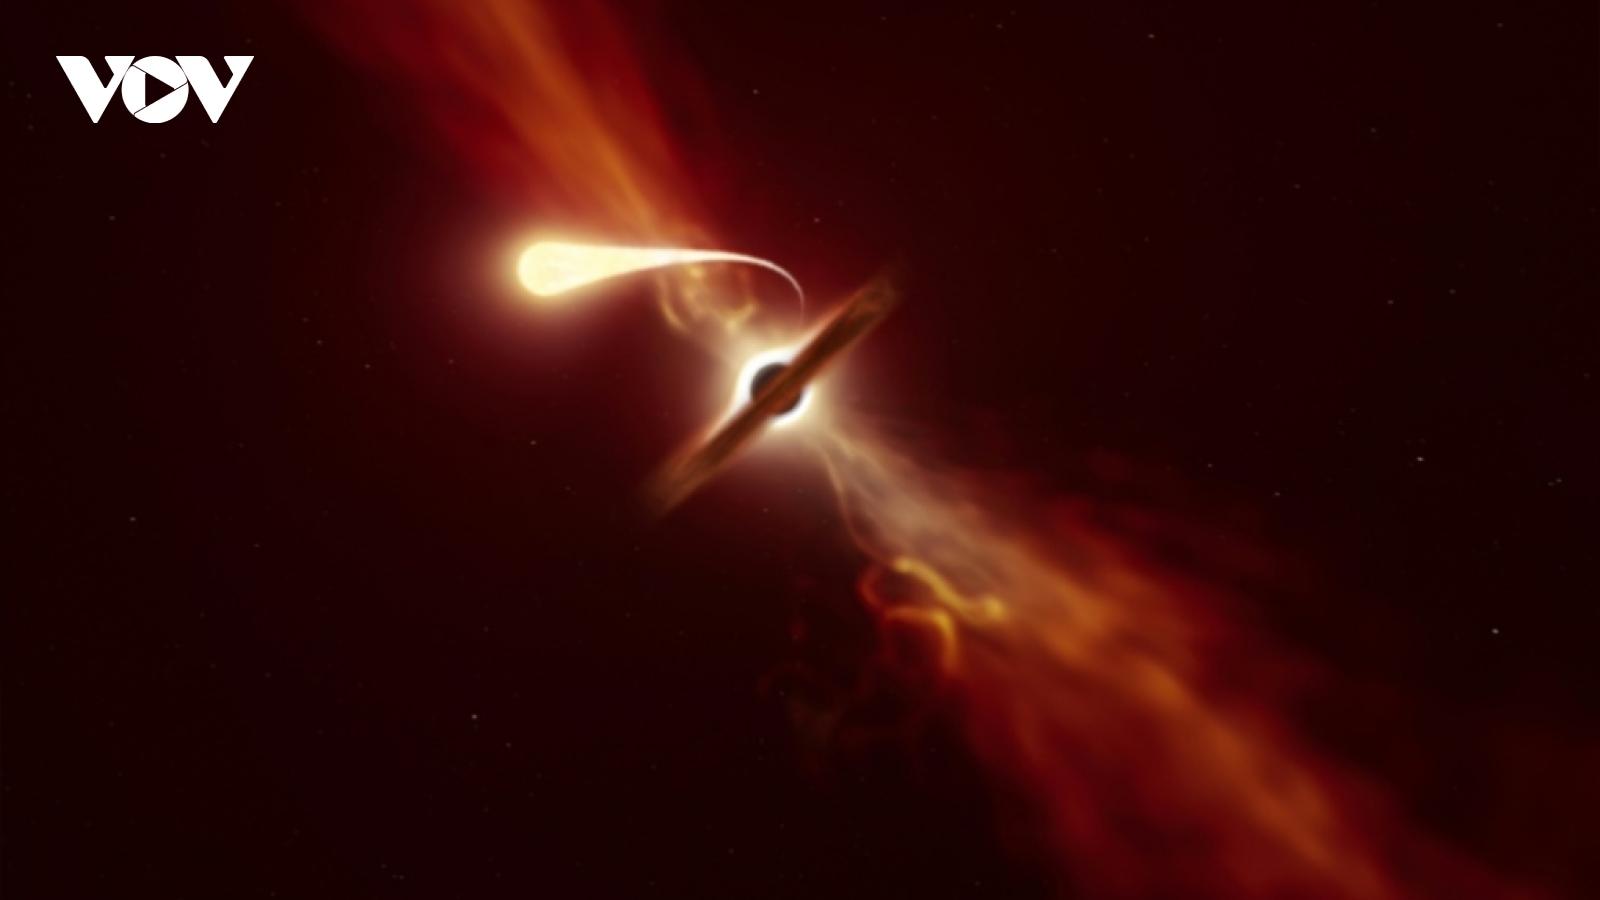 """Video: Khoảnh khắc hố đen """"quái vật"""" nuốt chửng một ngôi sao"""